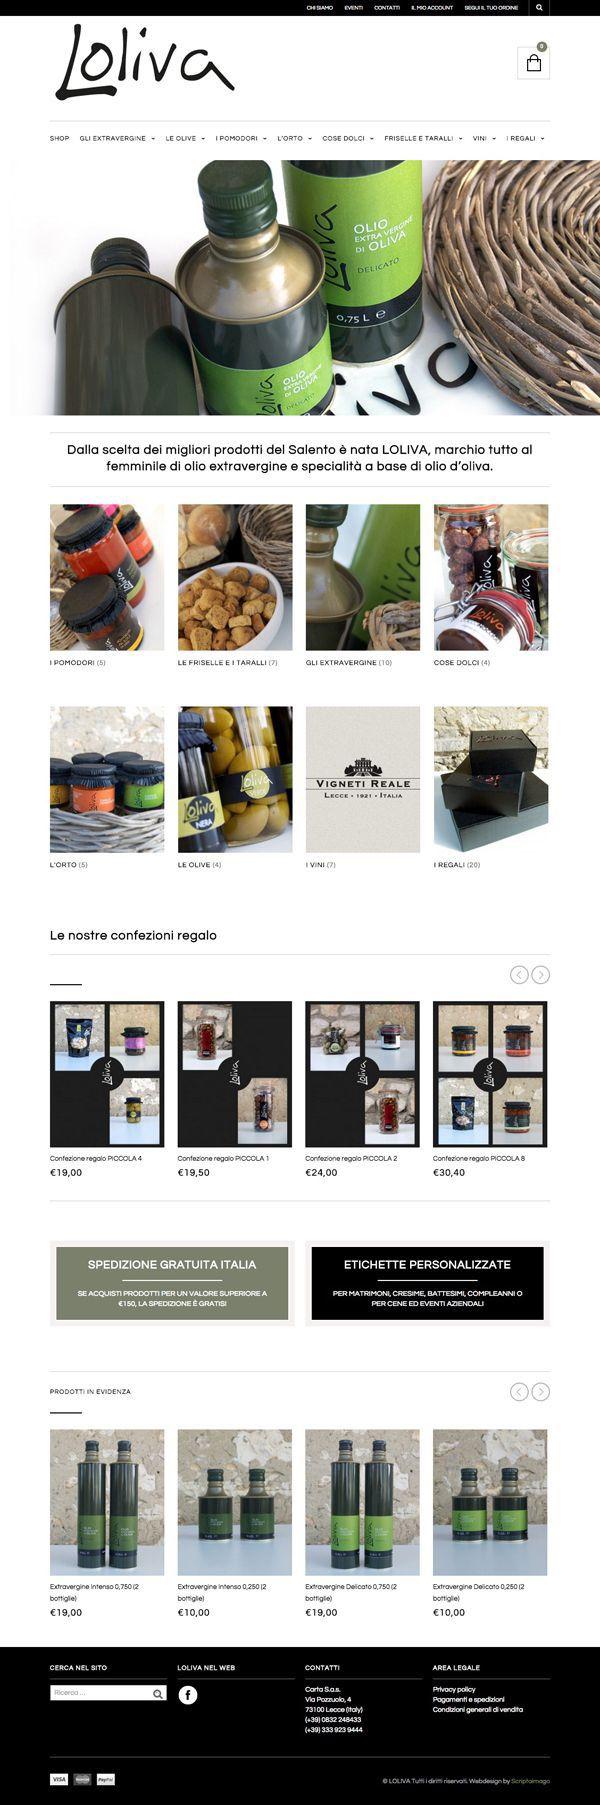 Loliva - e-commerce & responsive site on Behance #webdesign #webdevelopment #website loliva.it